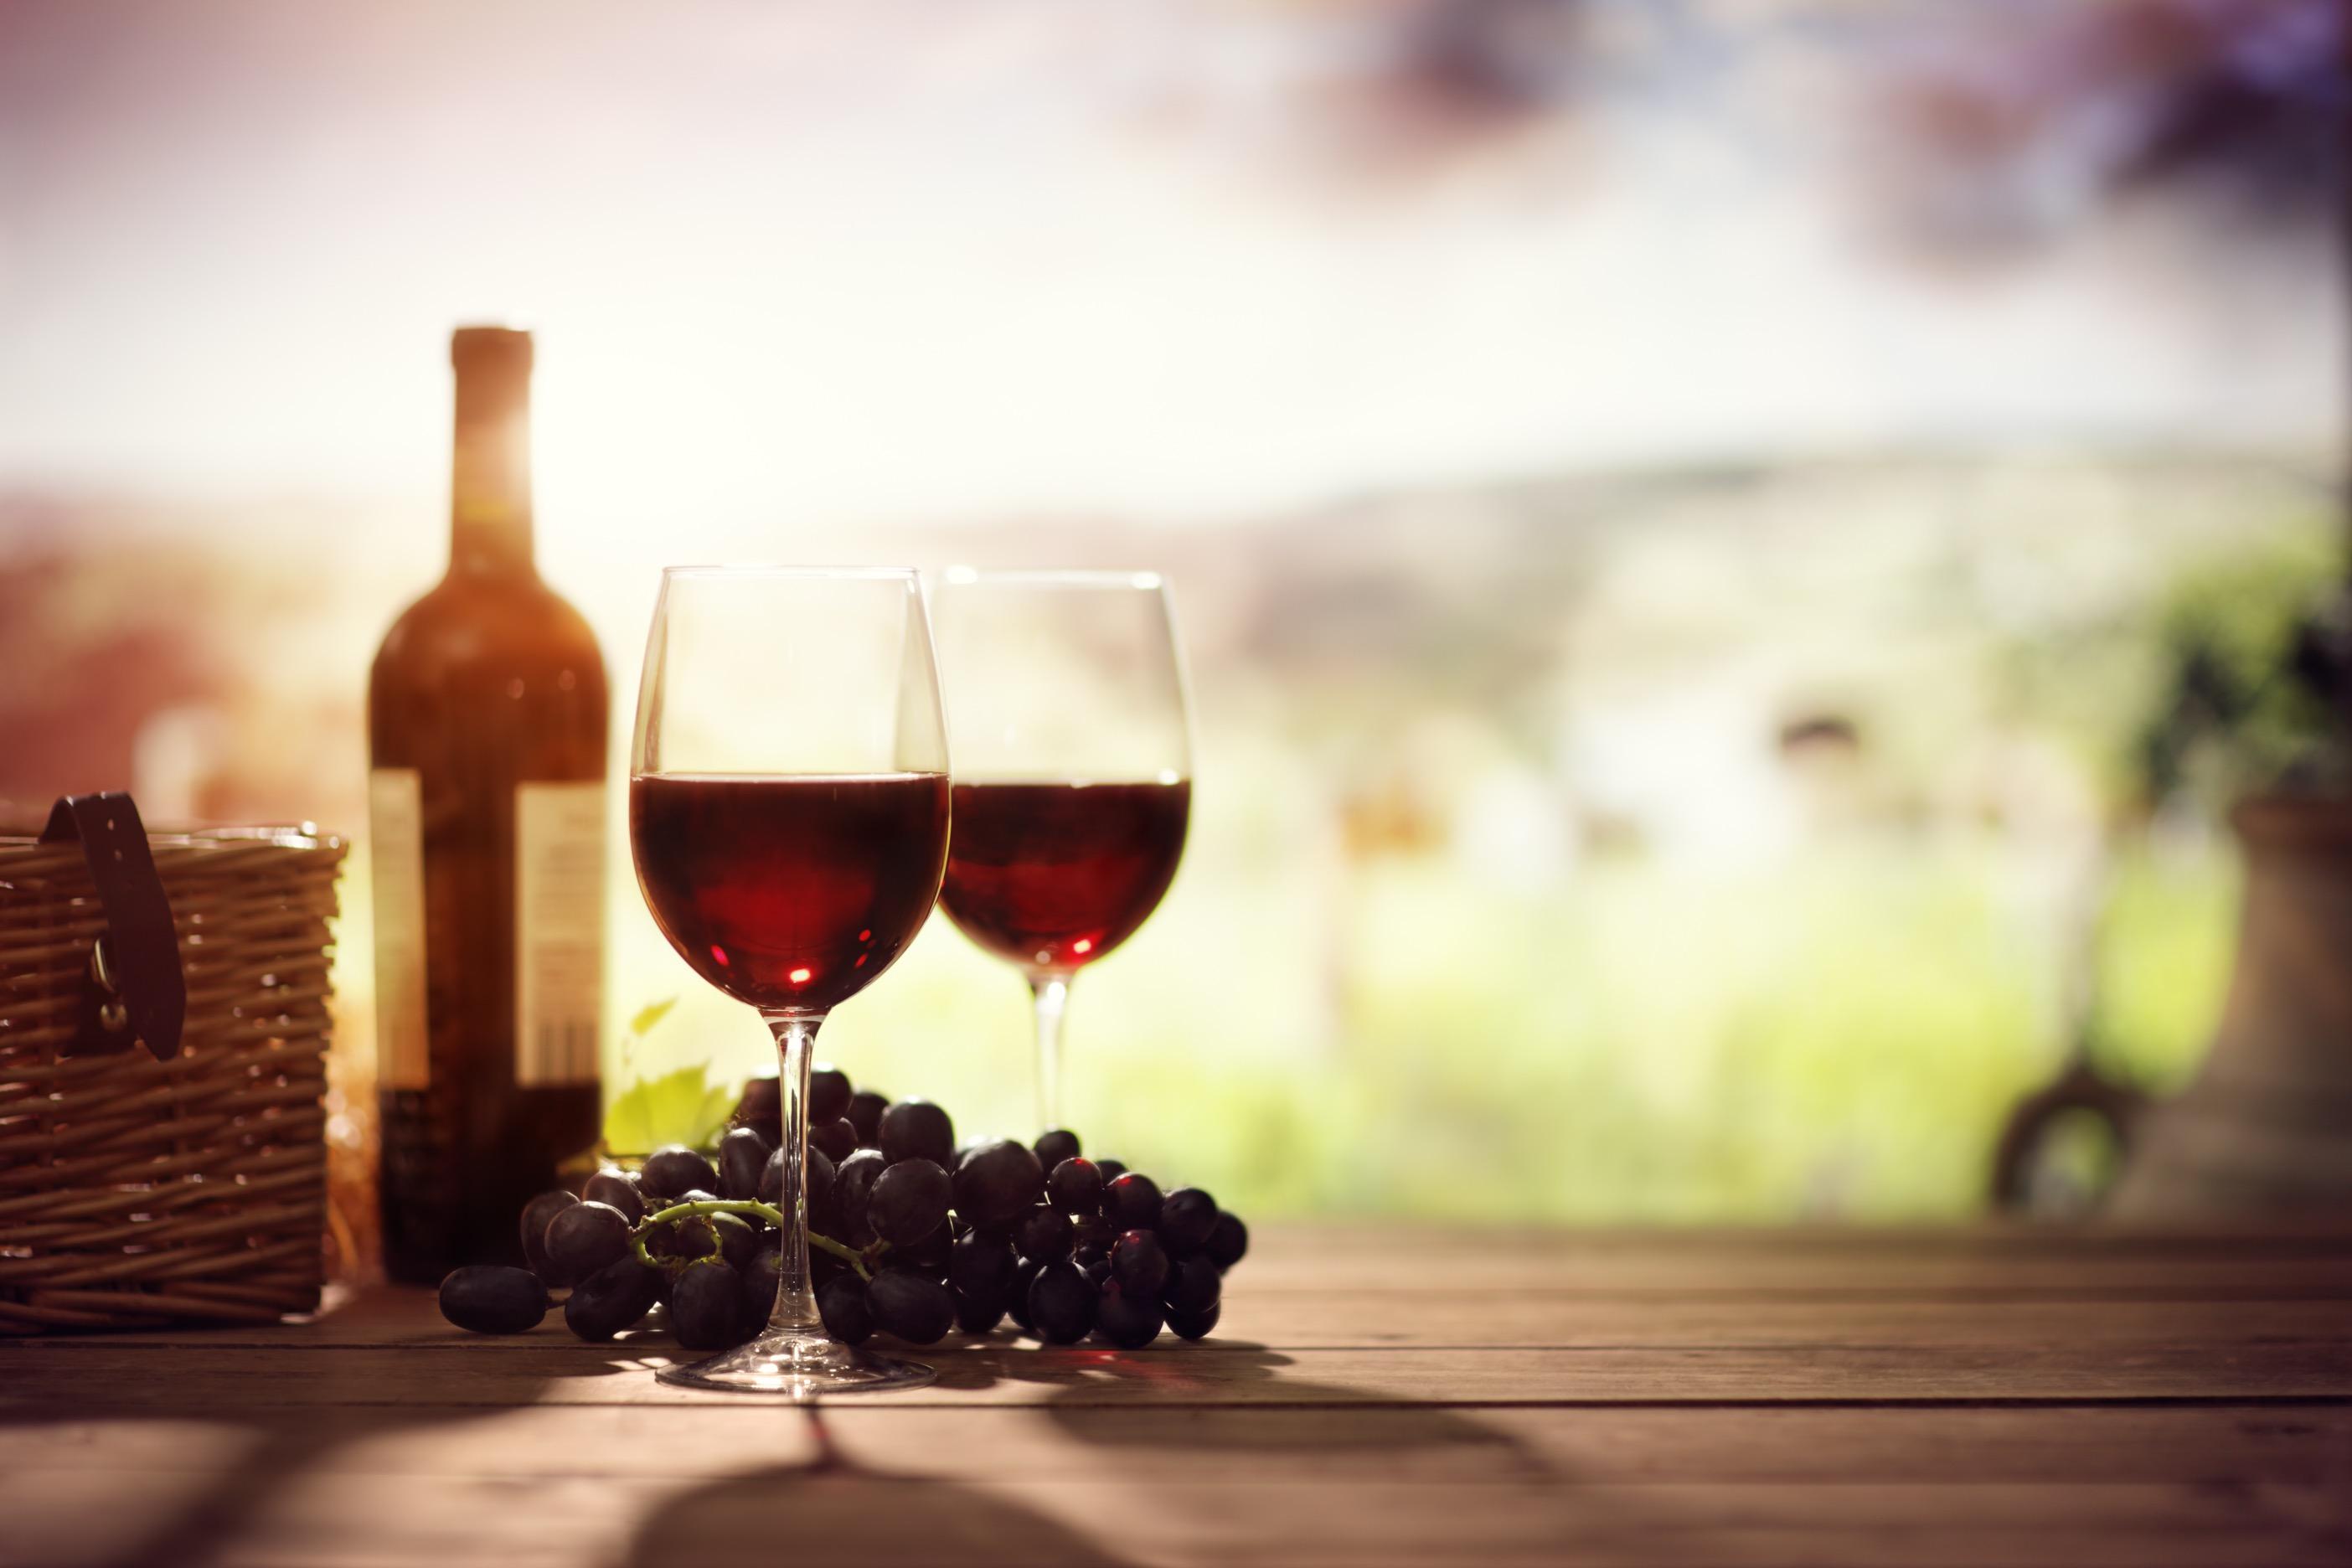 カルメネールのワインの味わいは?その魅力についてご紹介